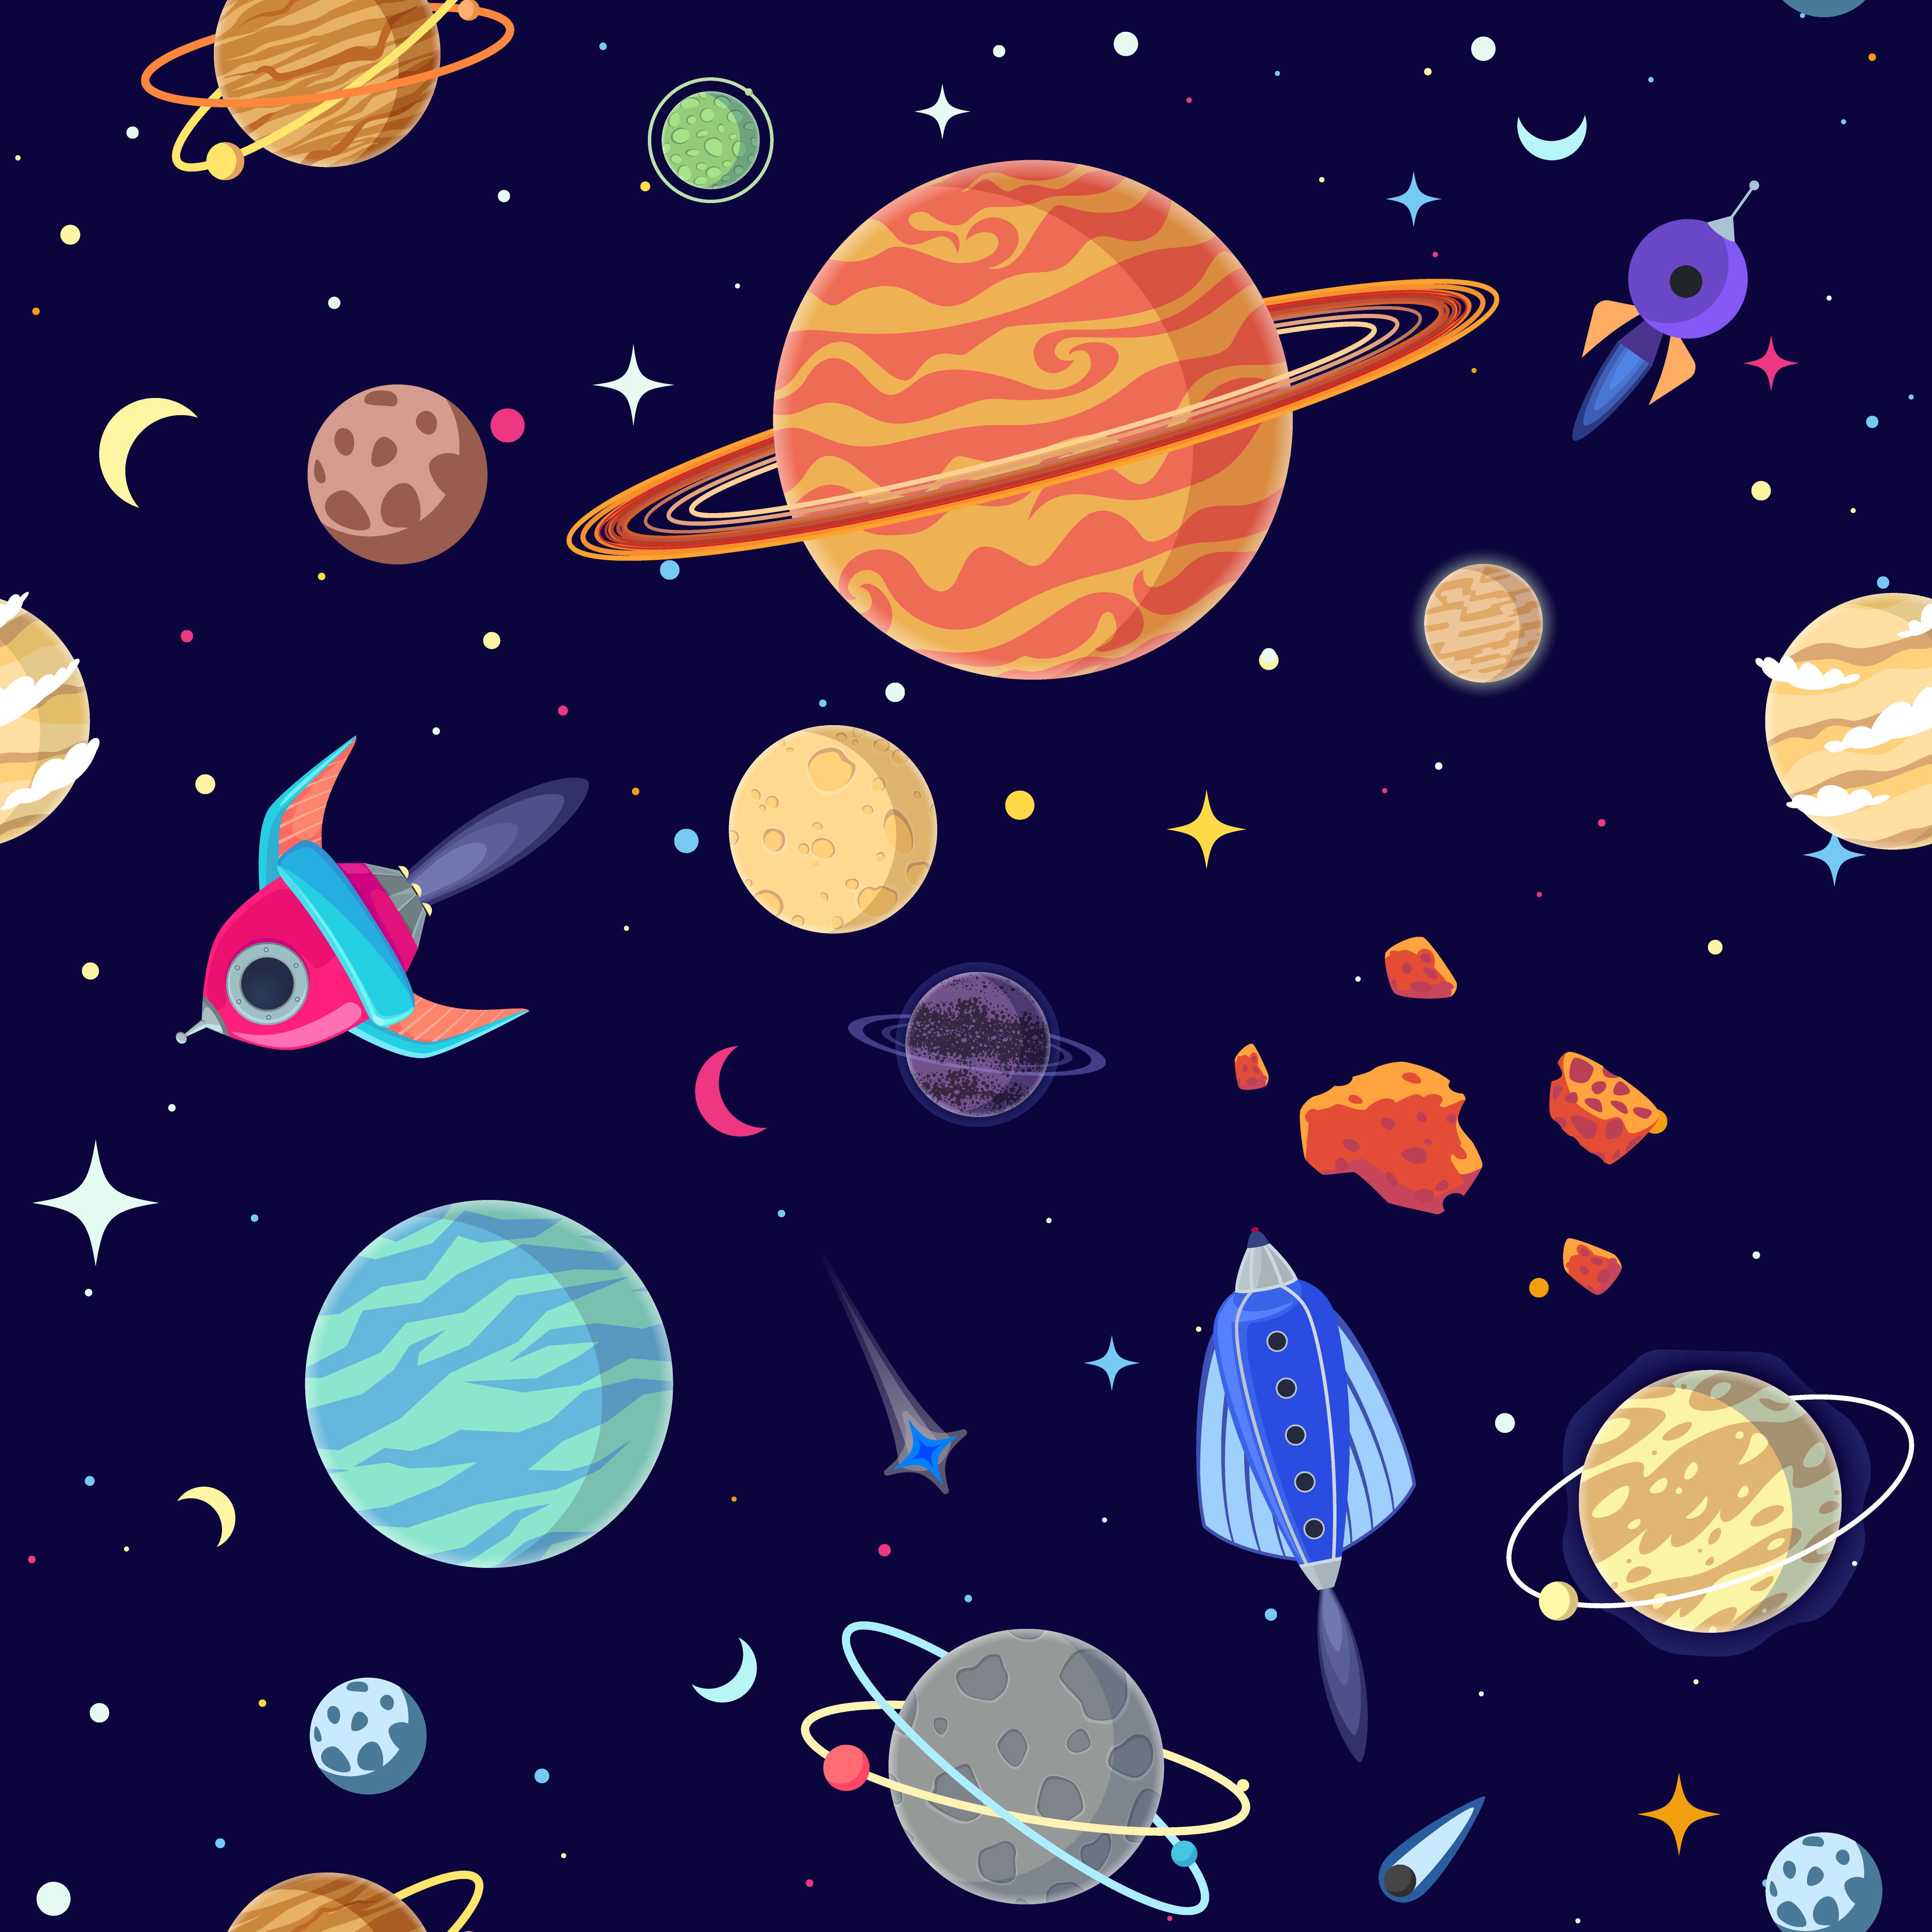 星球背景 免費下載 | 天天瘋後製